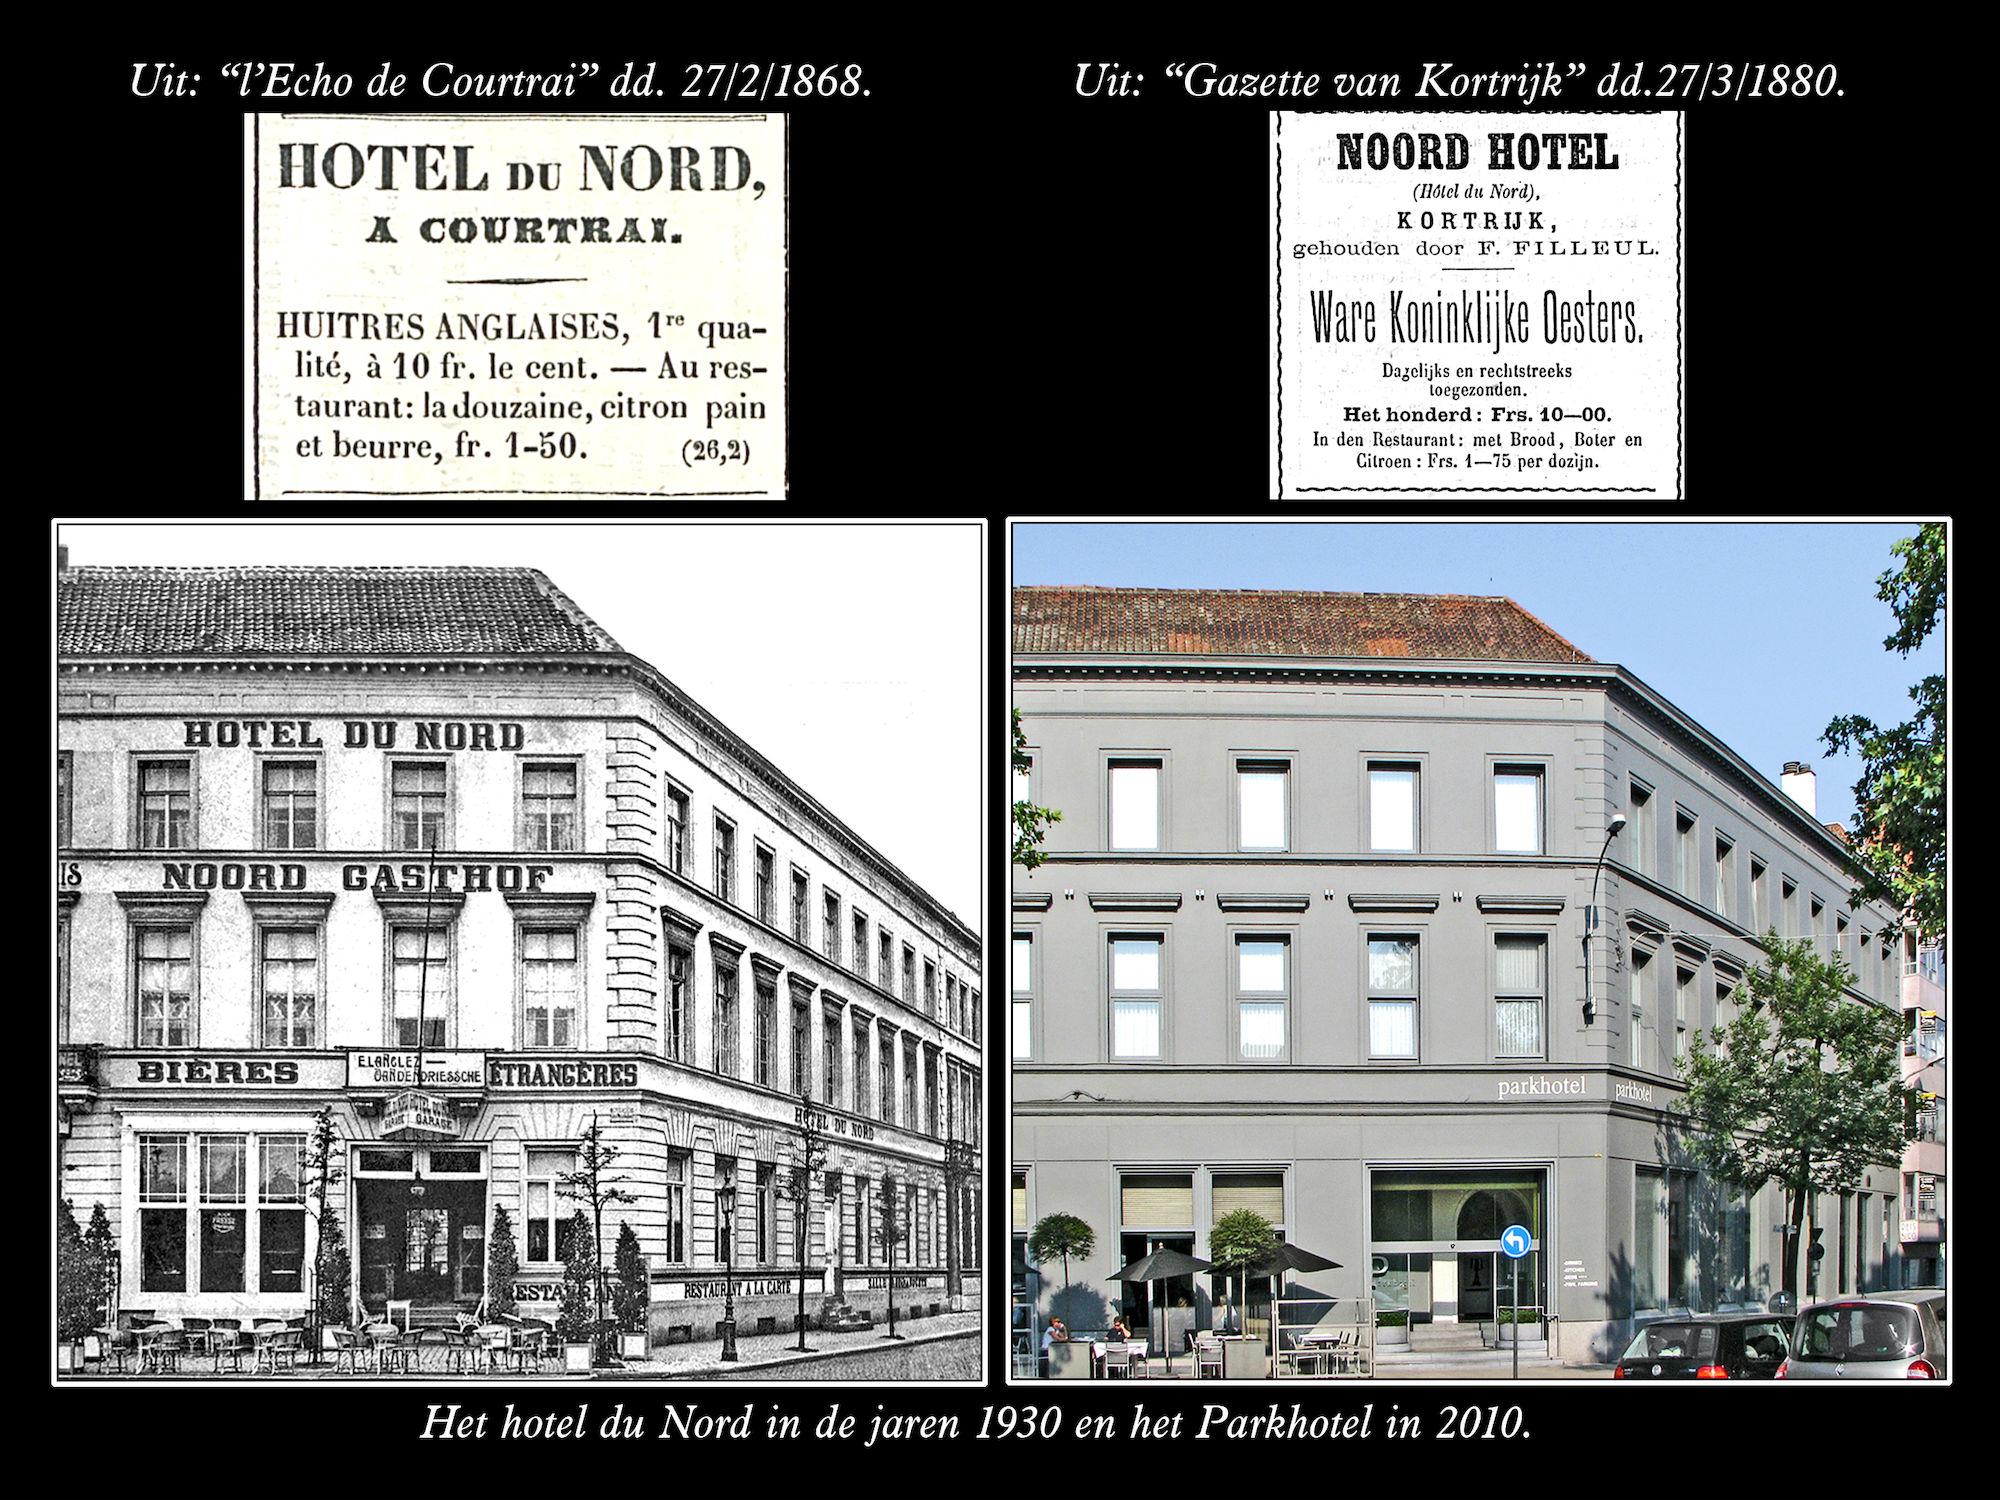 Stationplein jaren 1930 en  2010